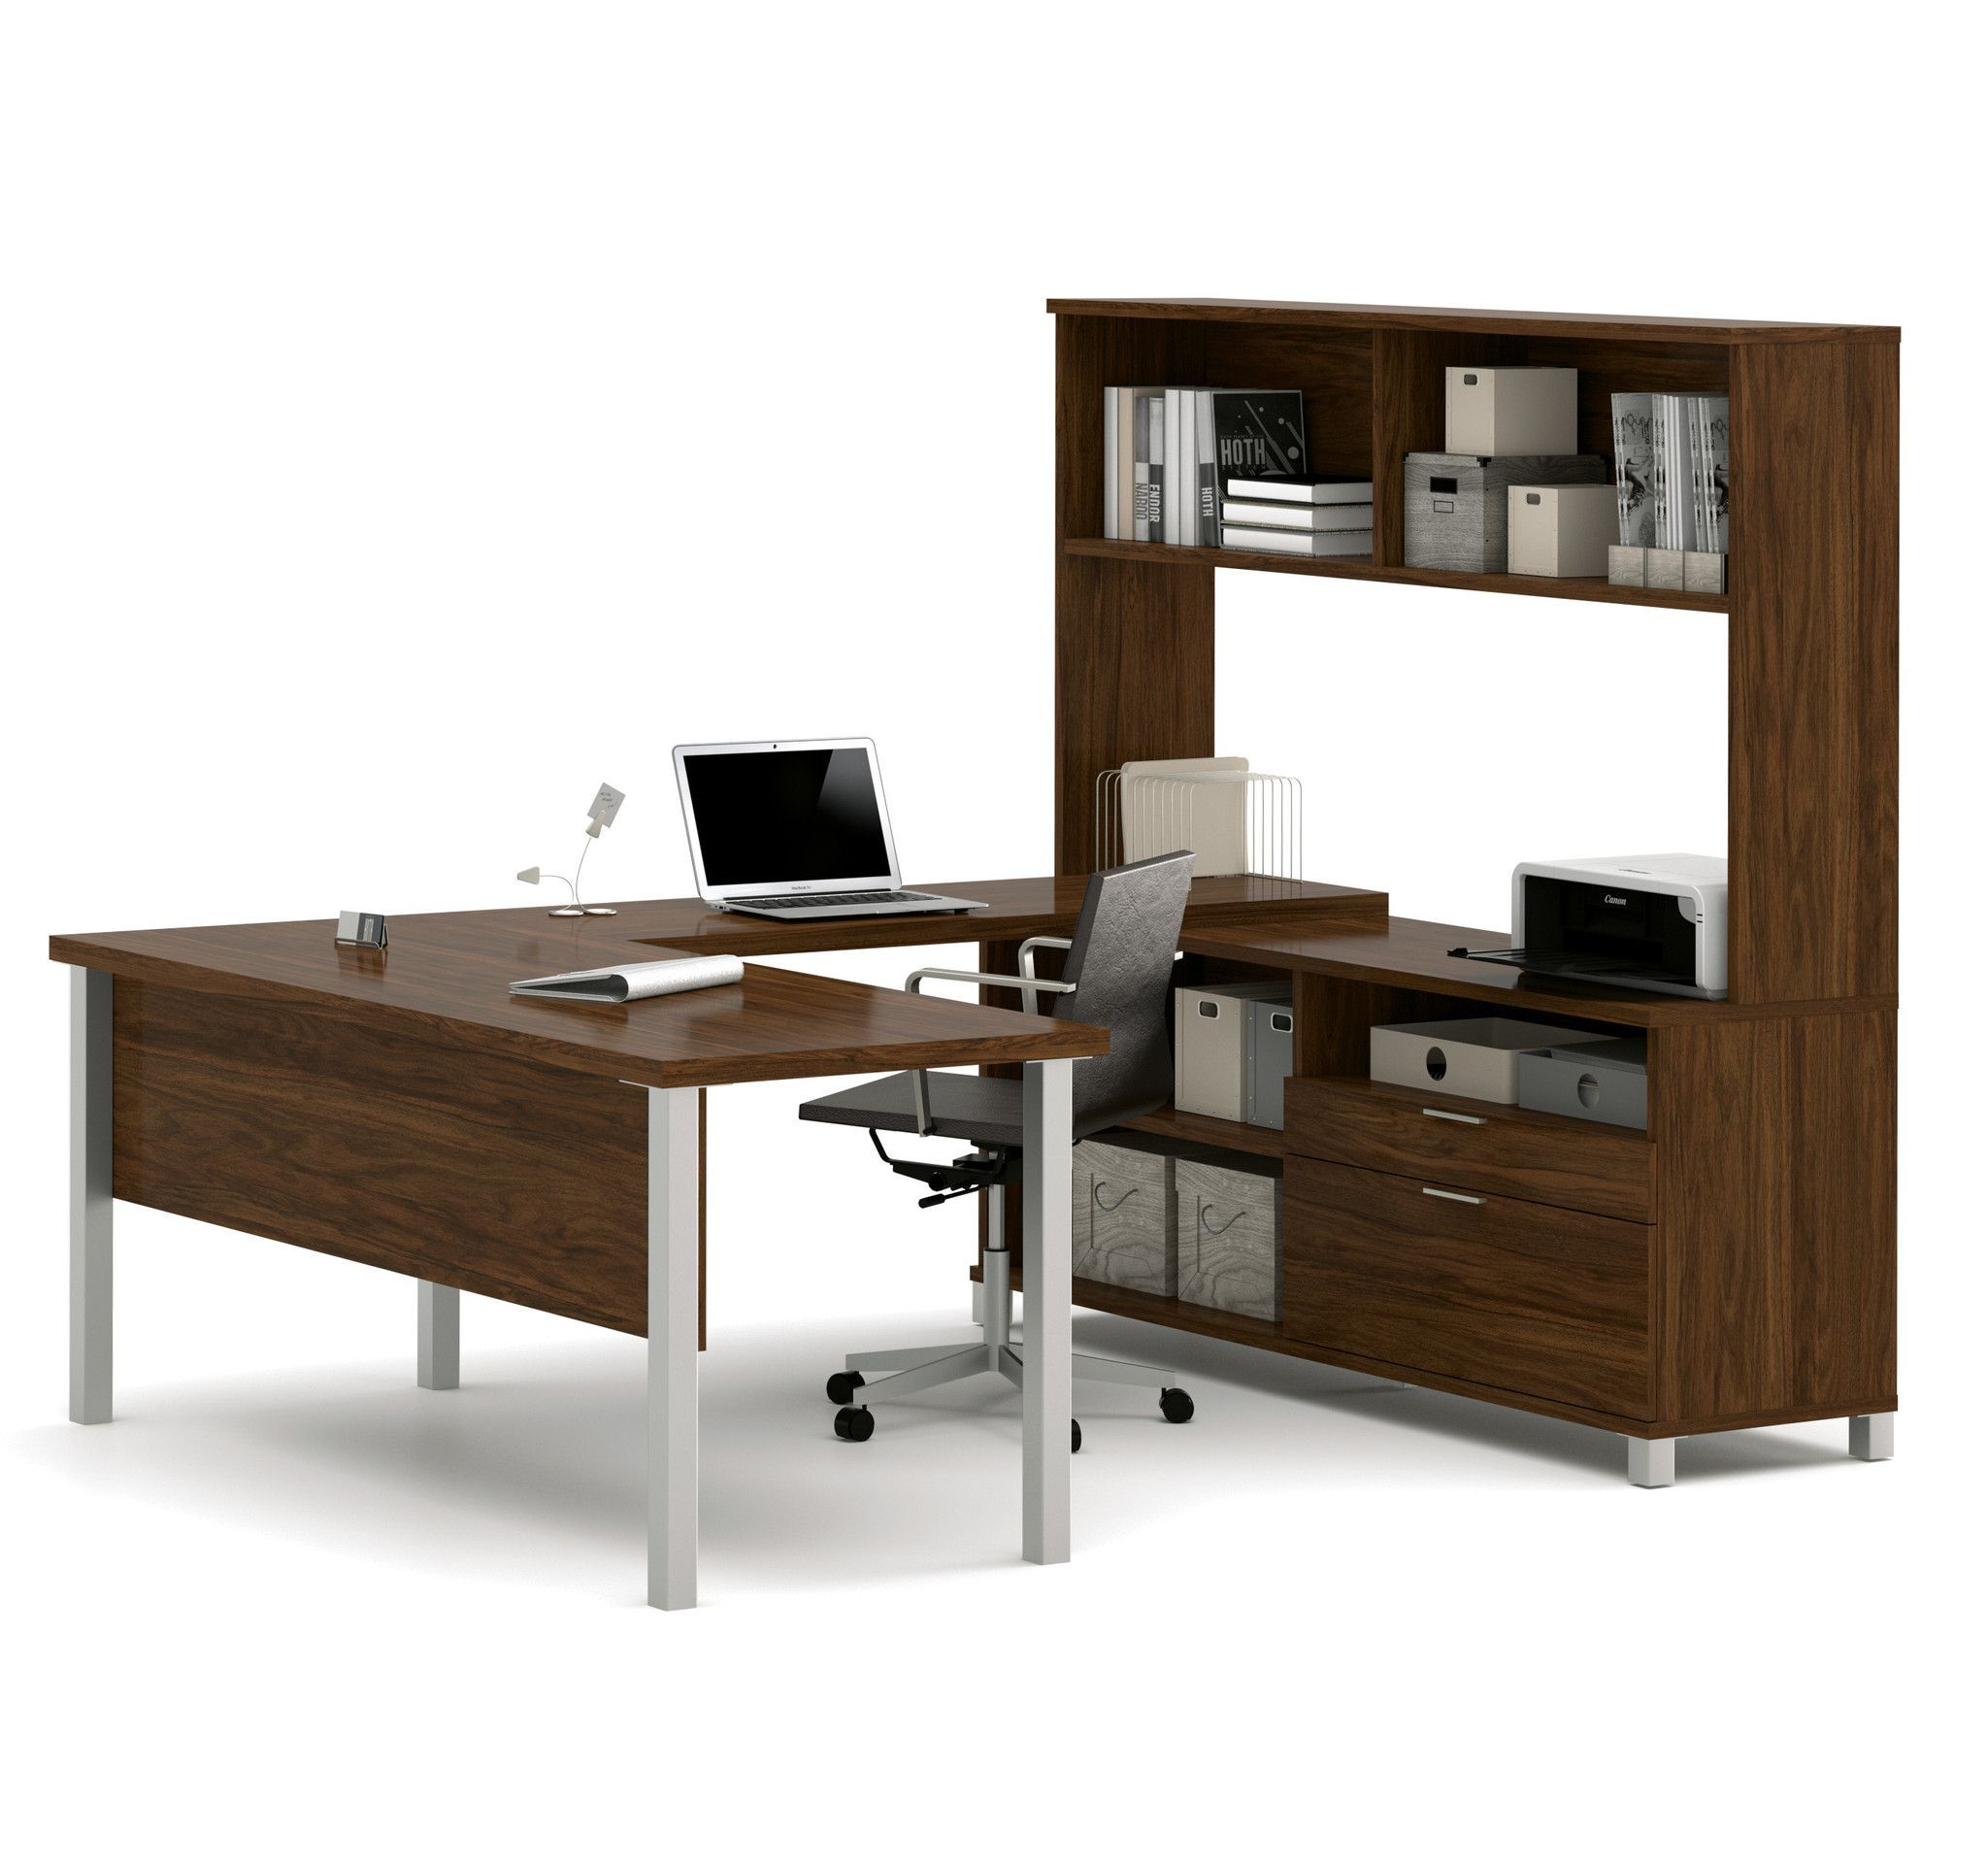 Modern U-shaped Office Desk with Hutch in Oak Barrel | Barrels ...